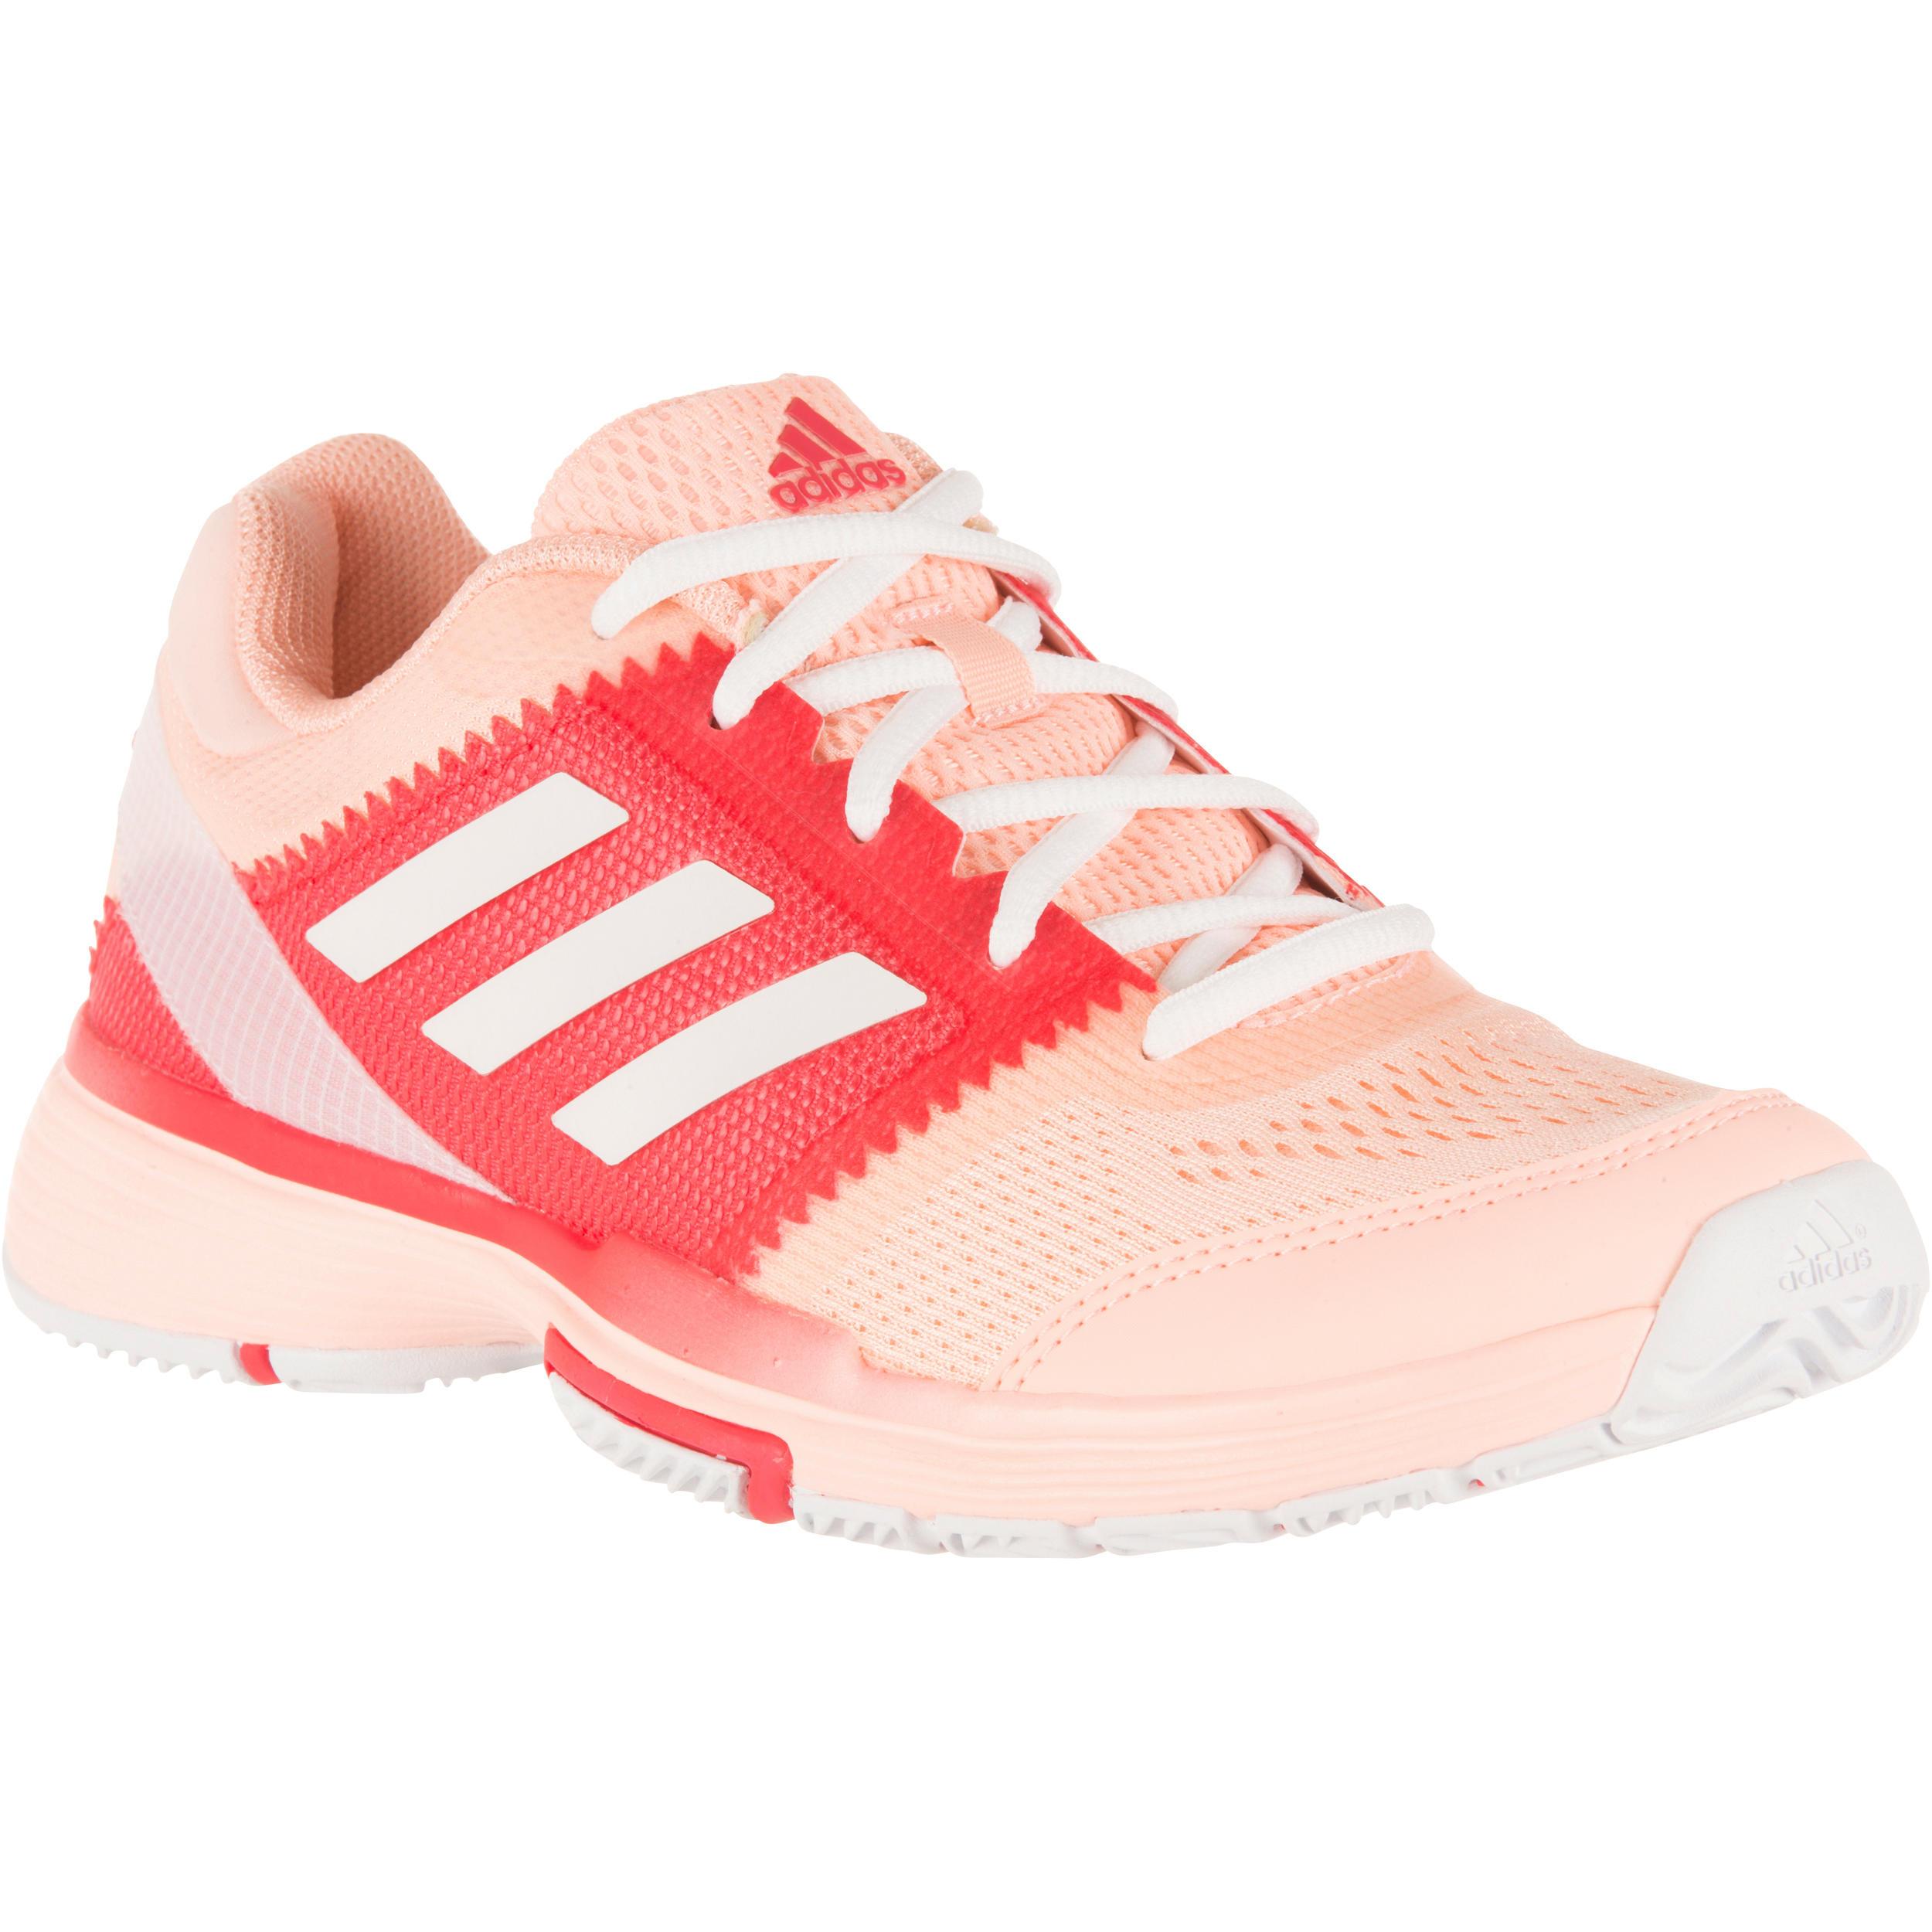 Tennisschoenen voor dames Barricade Club wit-roze